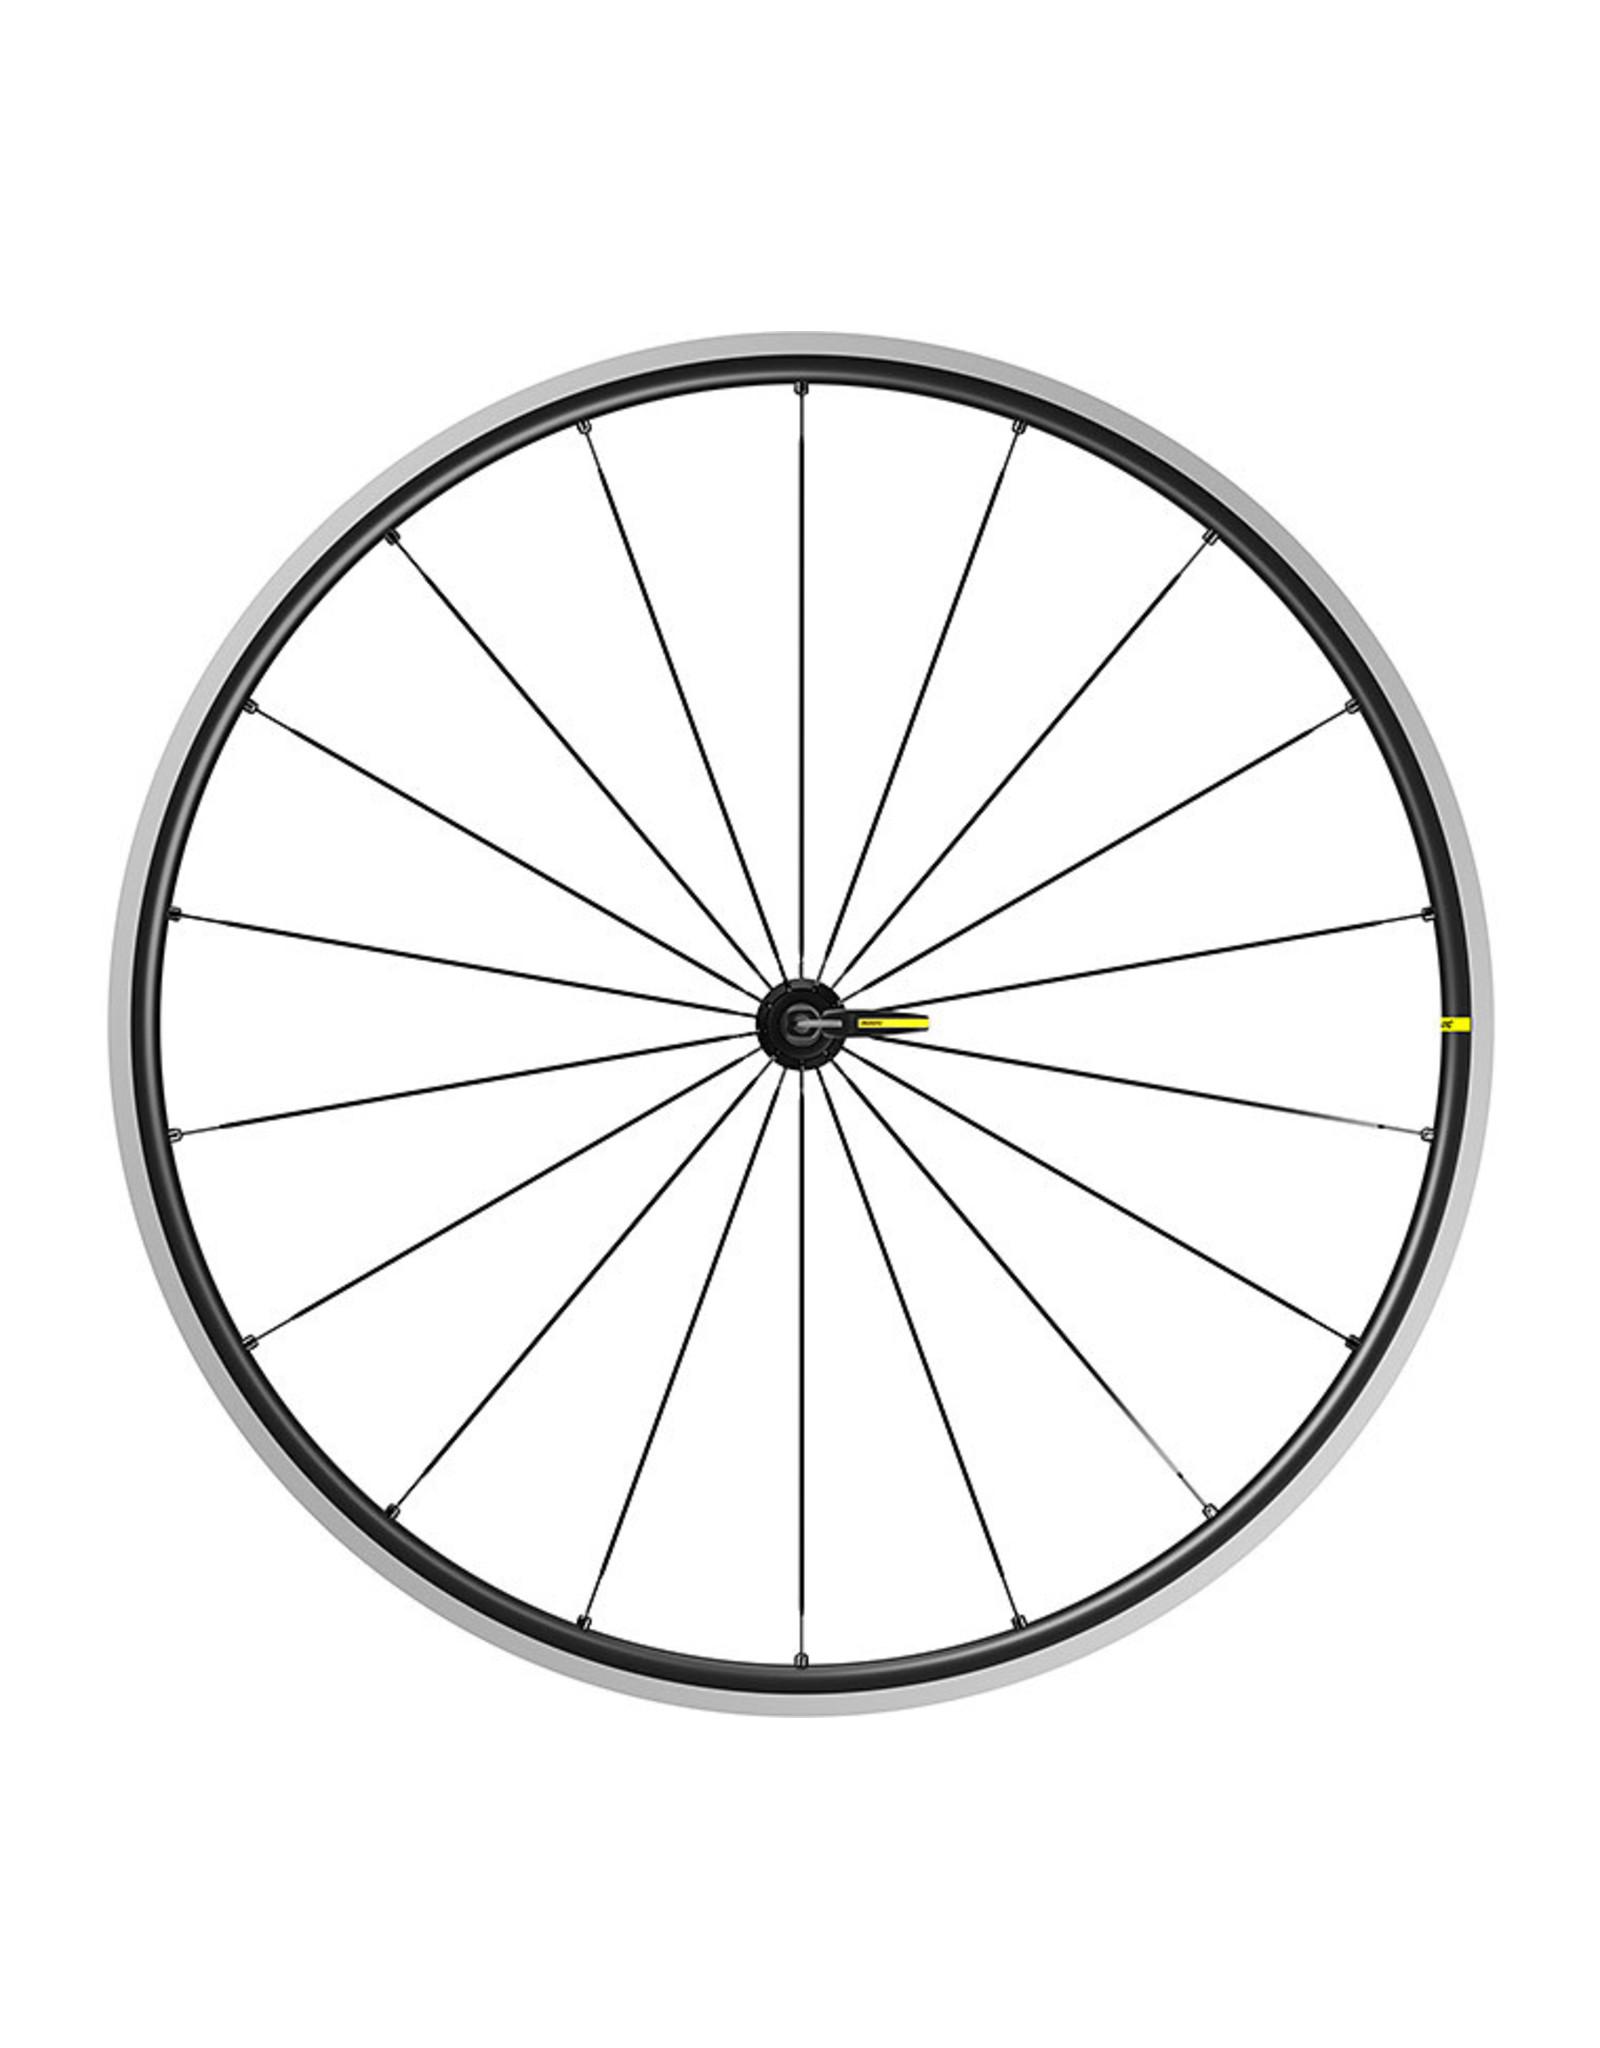 Mavic Wheels 700 Mavic Ksyrium S rim brake HG11 (pair)